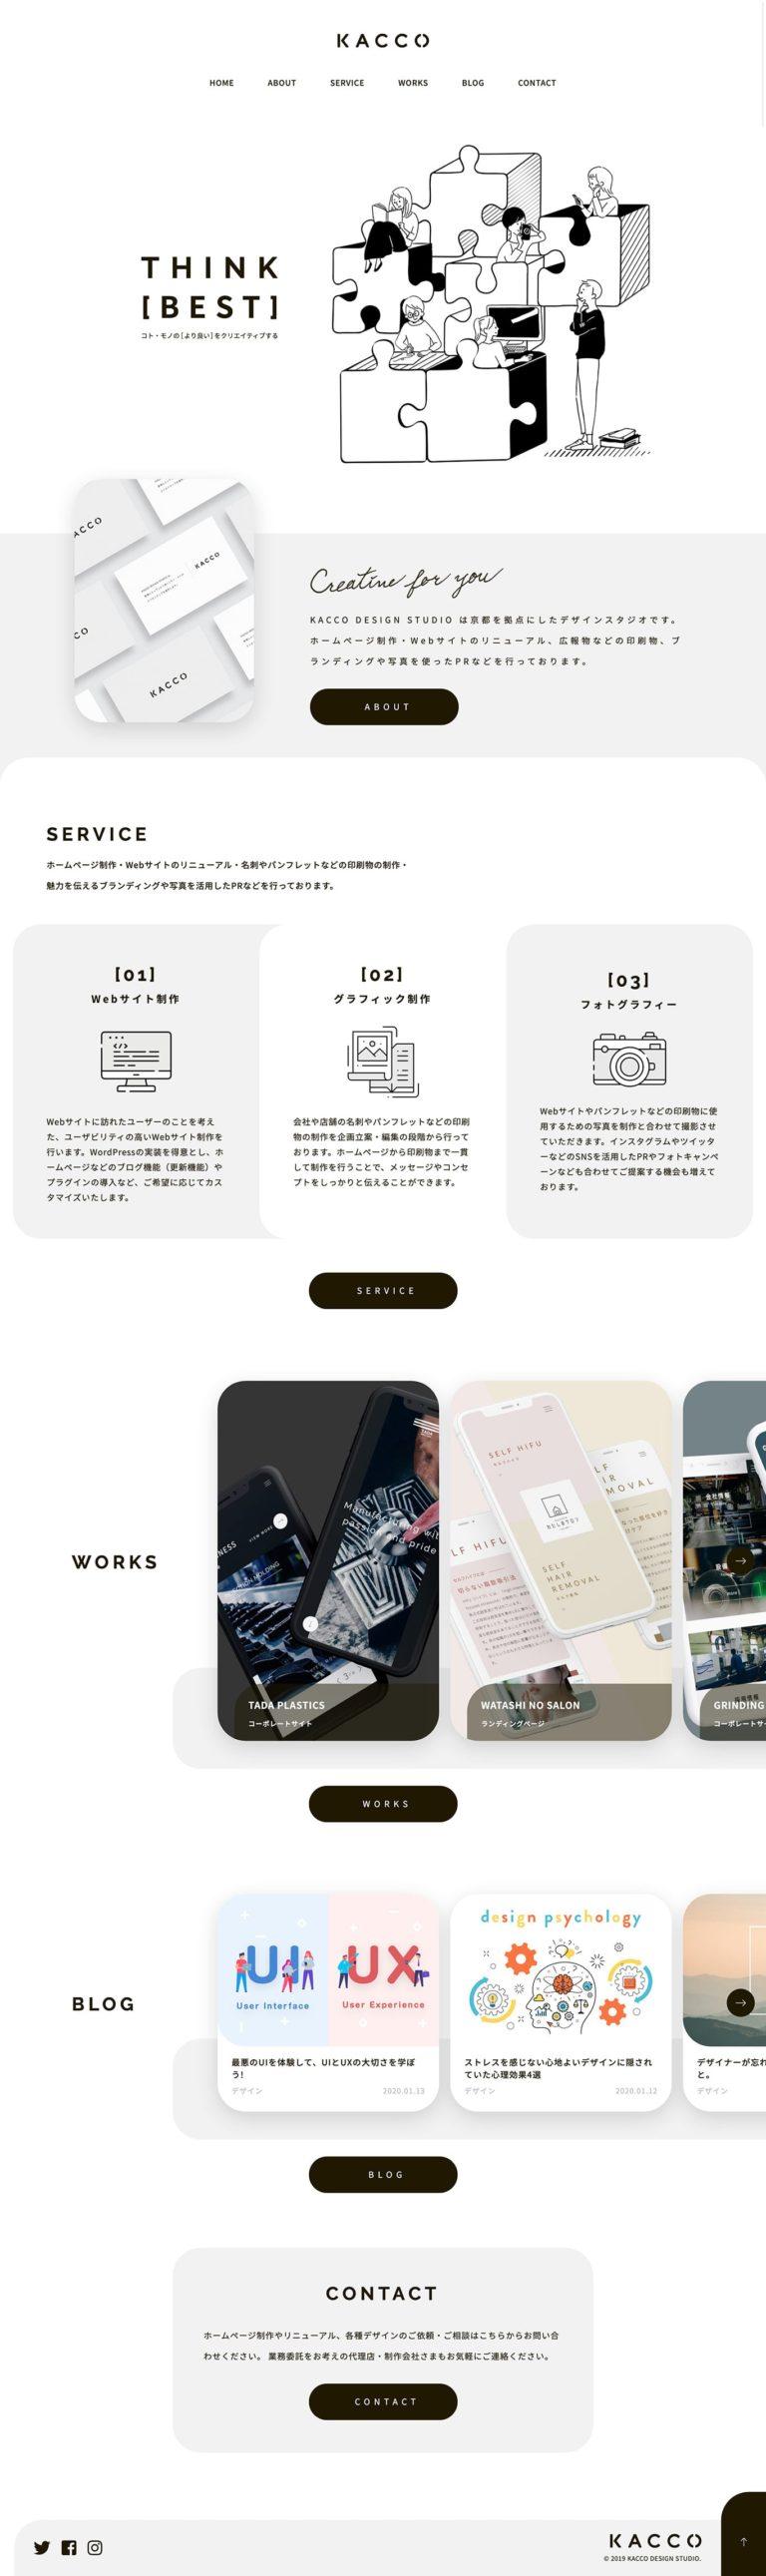 京都のWebサイト・ホームページ制作 - KACCO DESIGN STUDIO[カッコデザインスタジオ]